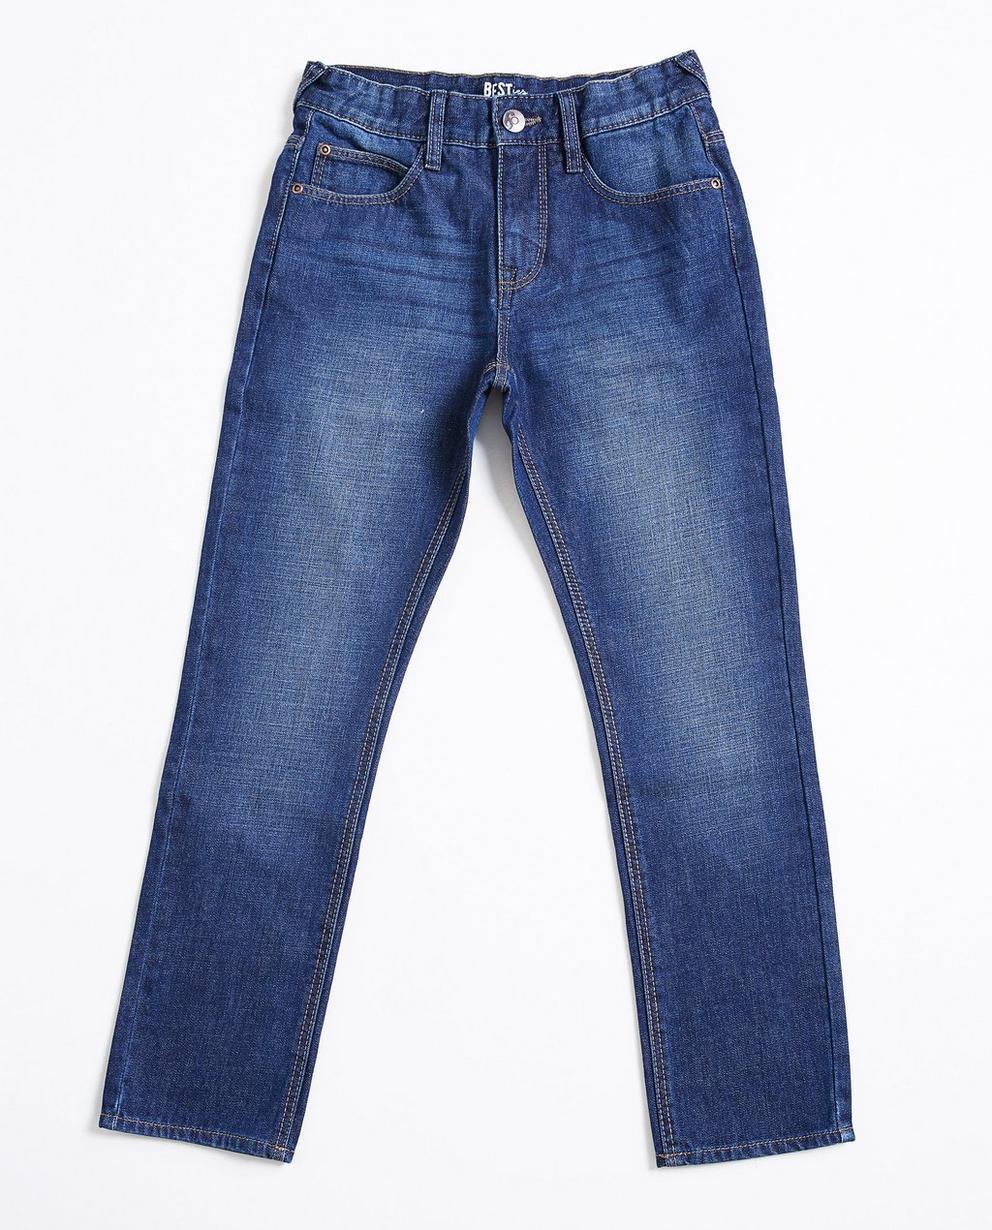 Donkerblauwe slim jeans - BESTies - Besties